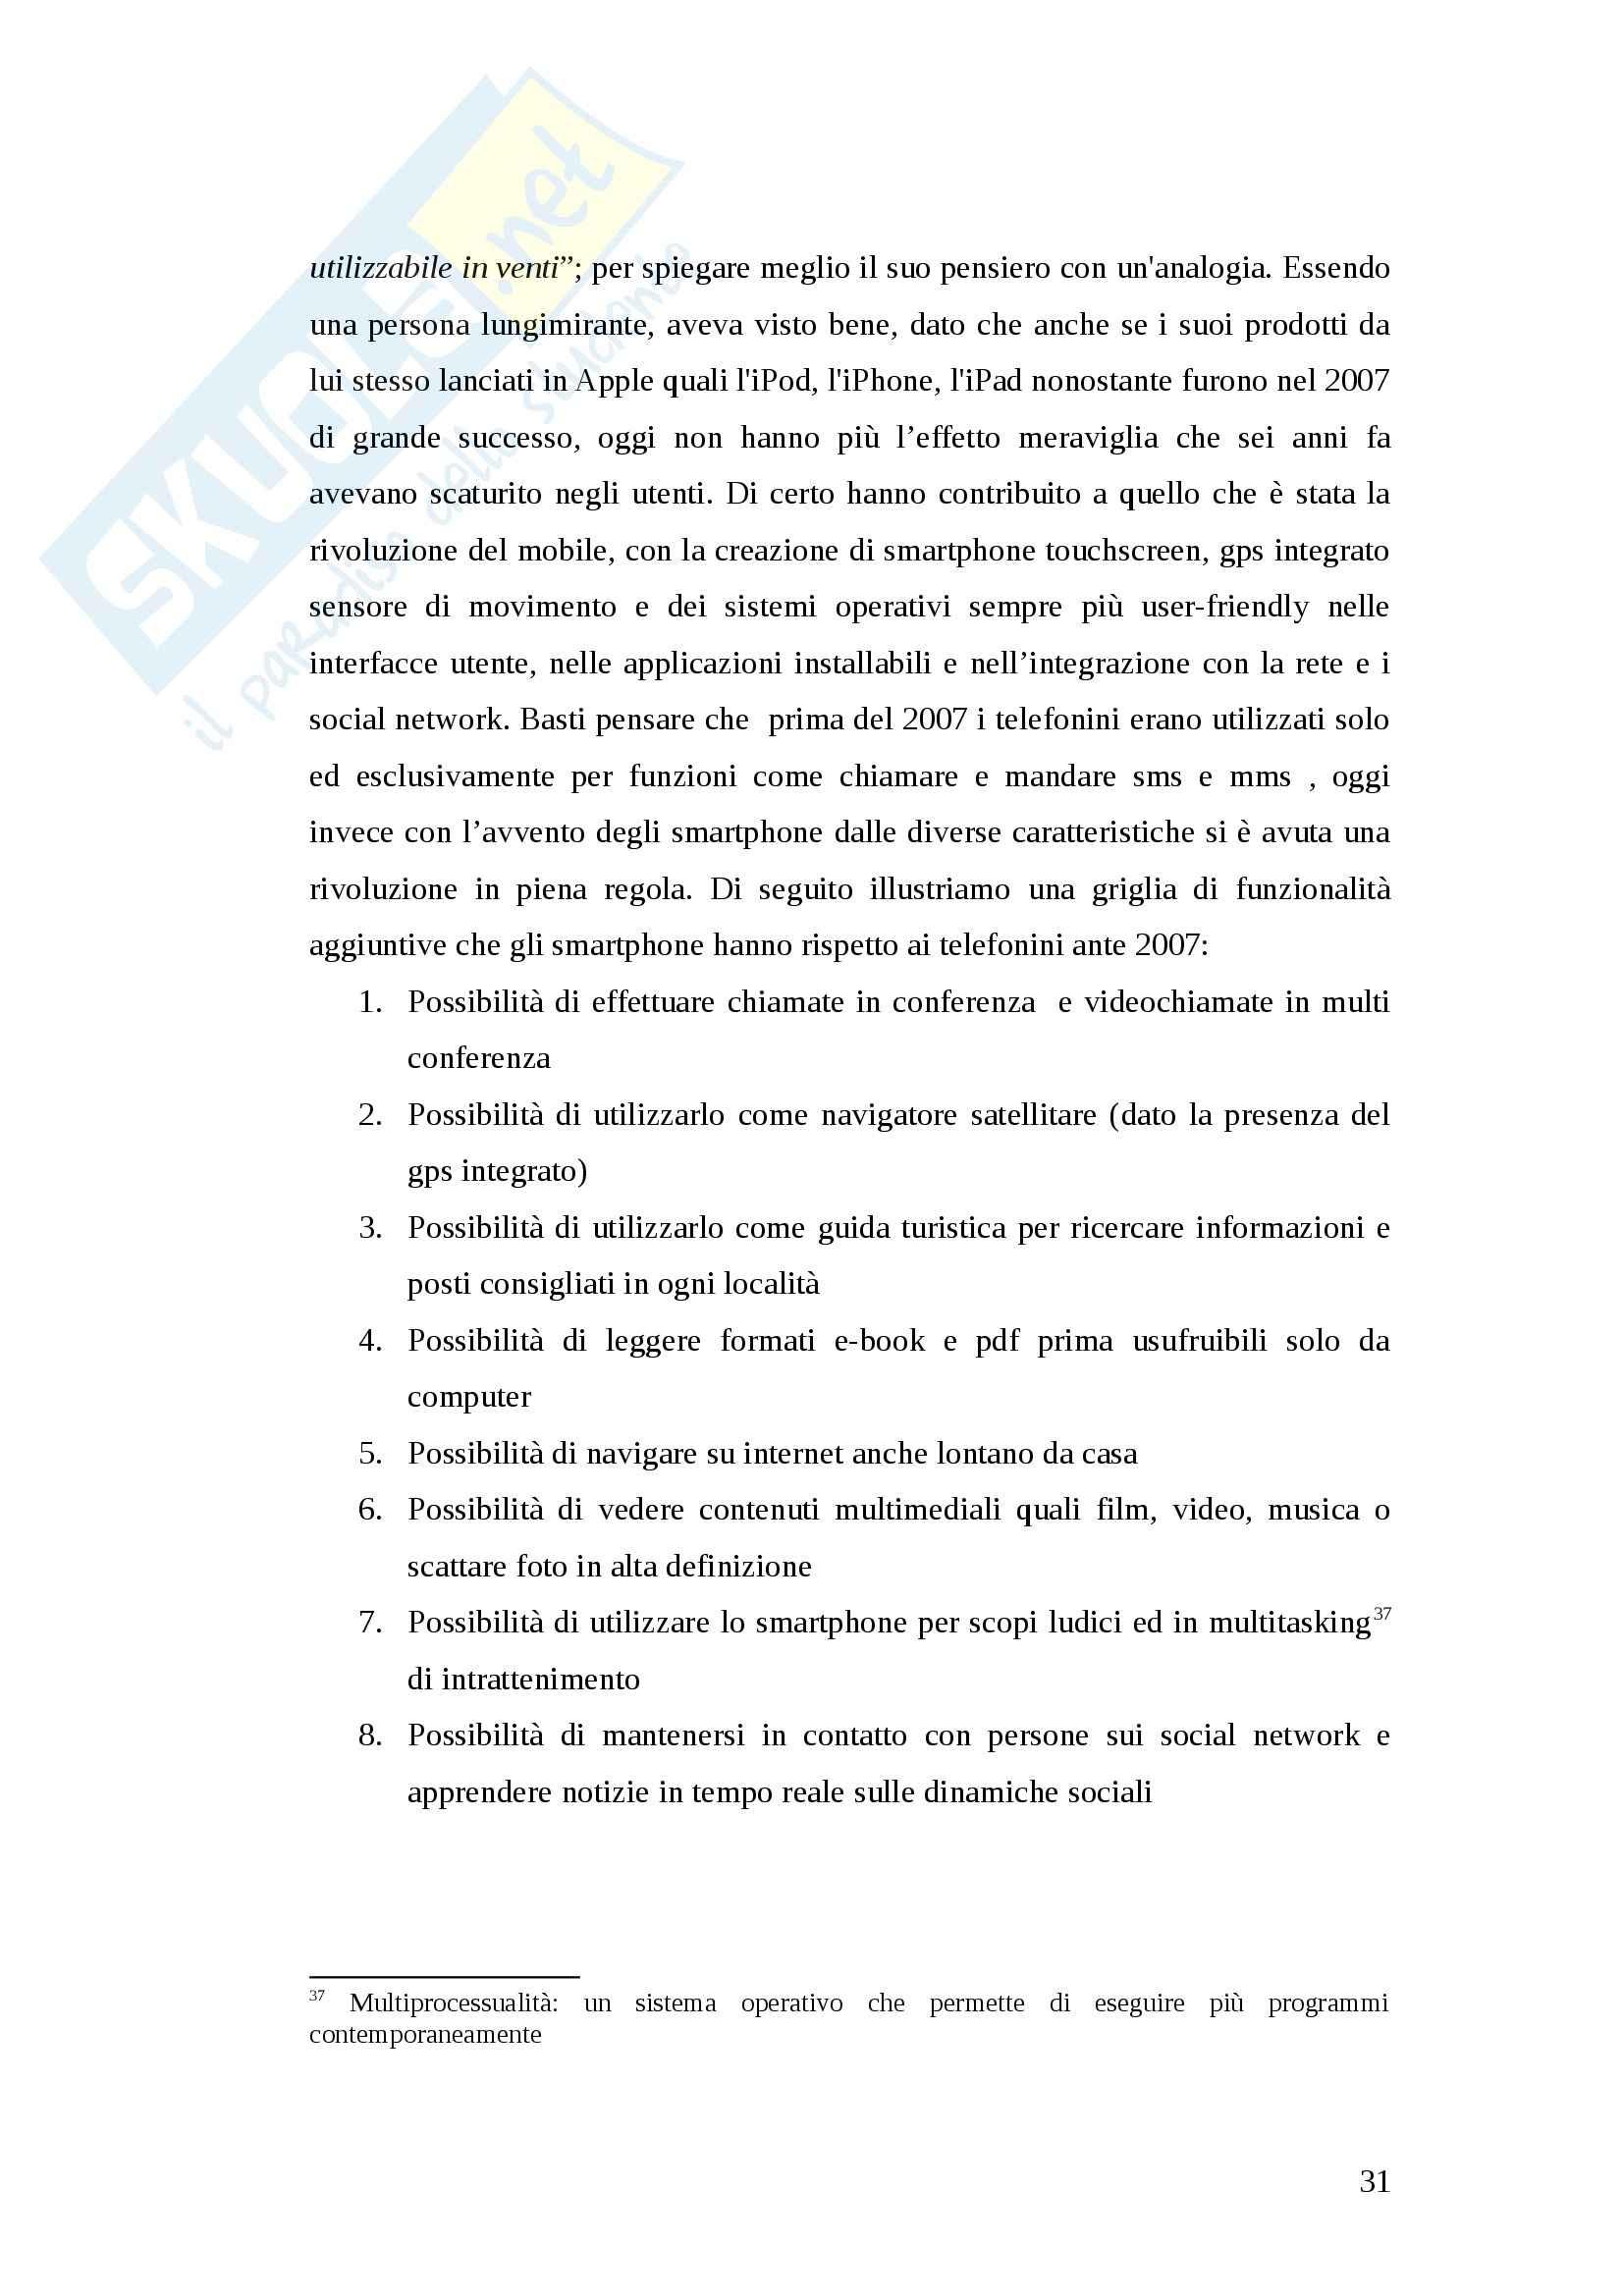 Tesi - I nuovi media a servizio del turismo. Il caso Foursquare Pag. 31